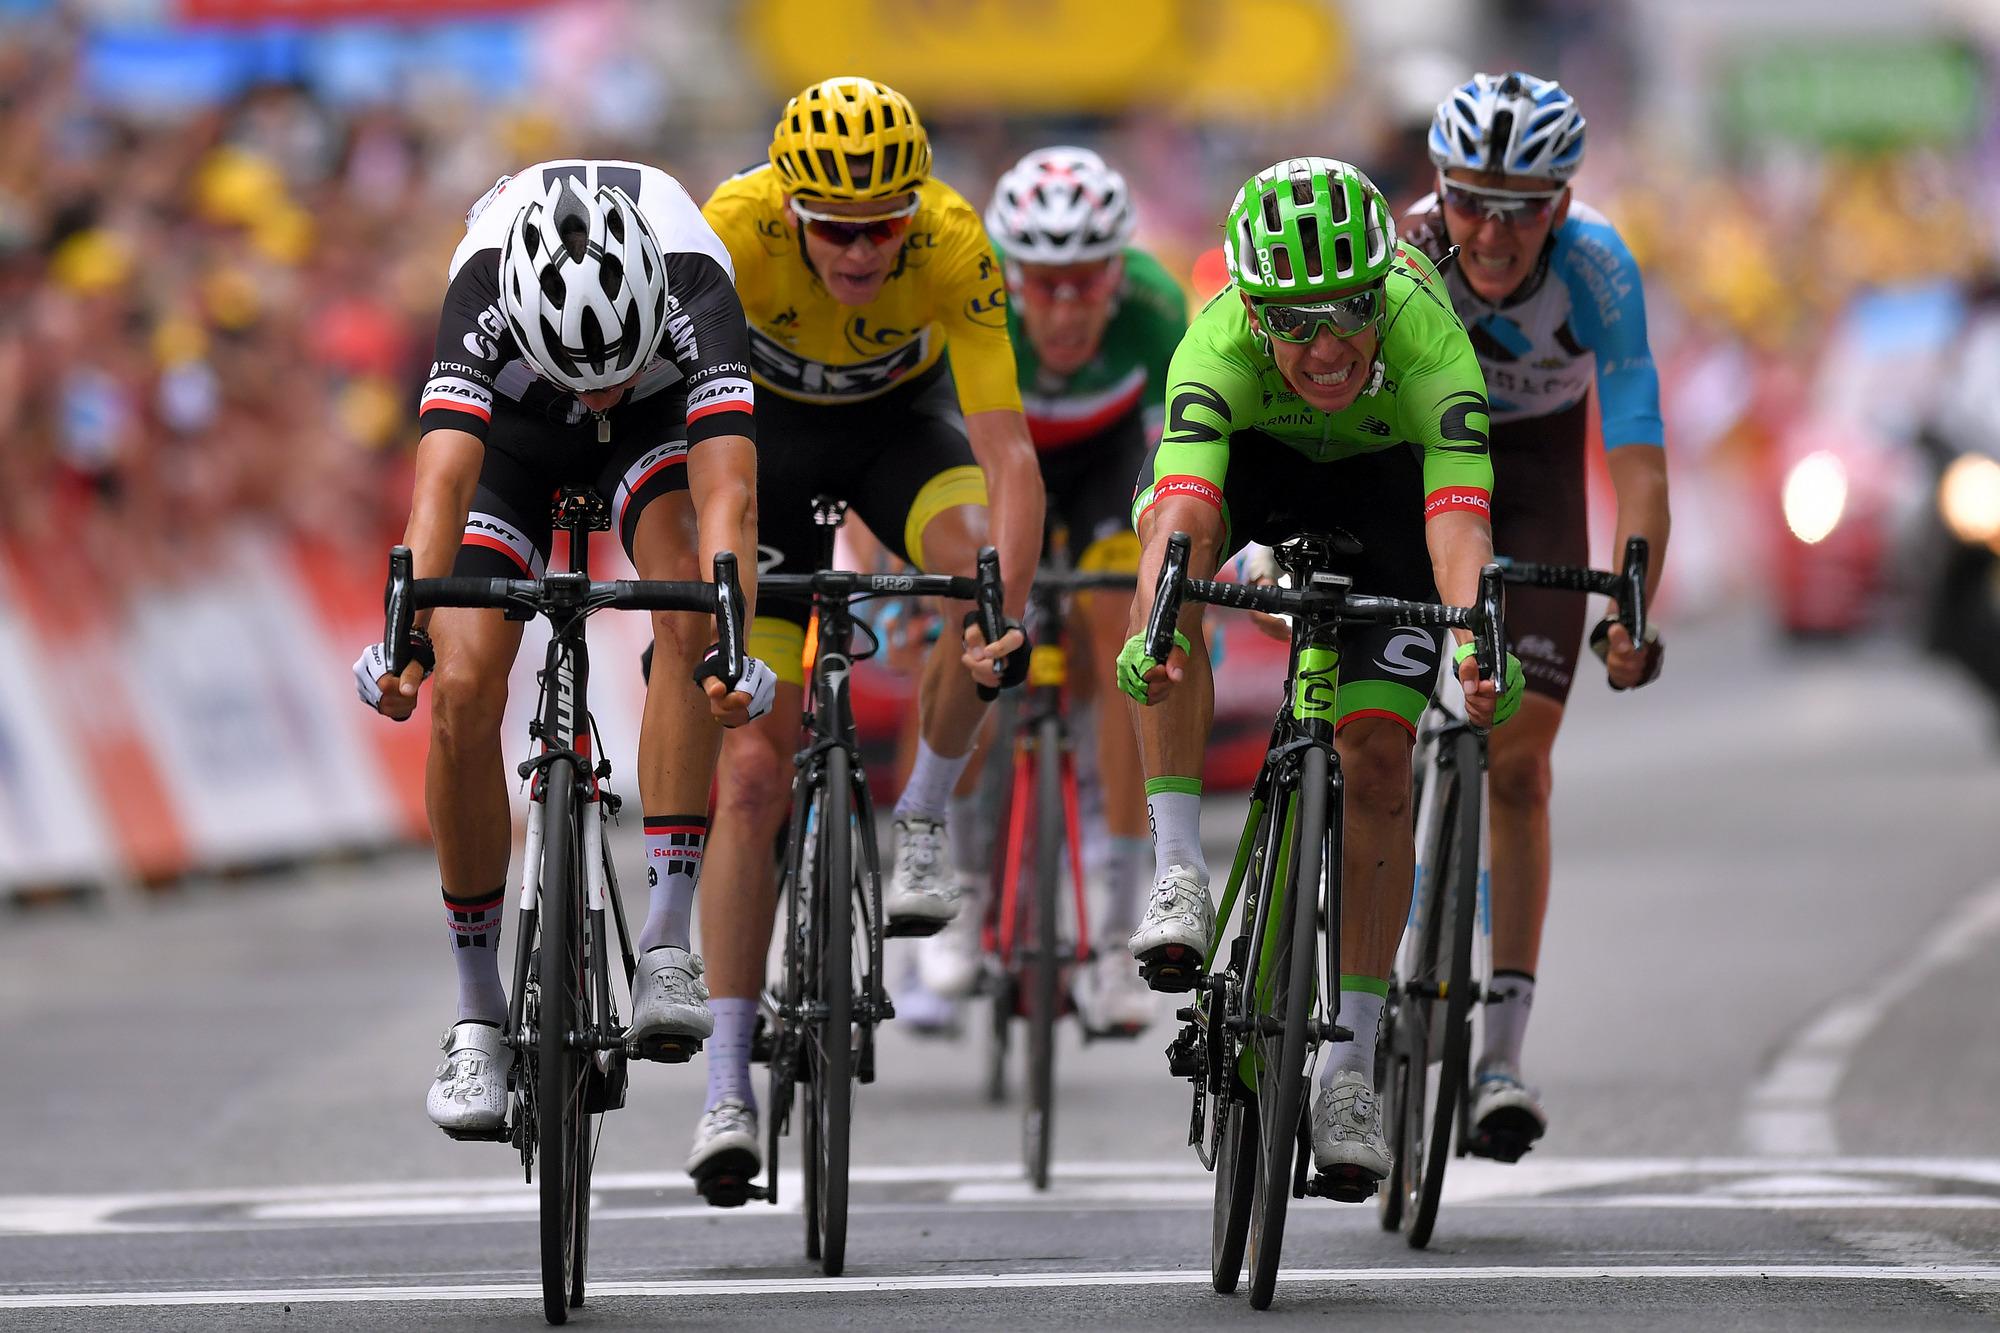 Urán gana, Contador sucumbe y el drama reina en el Tour